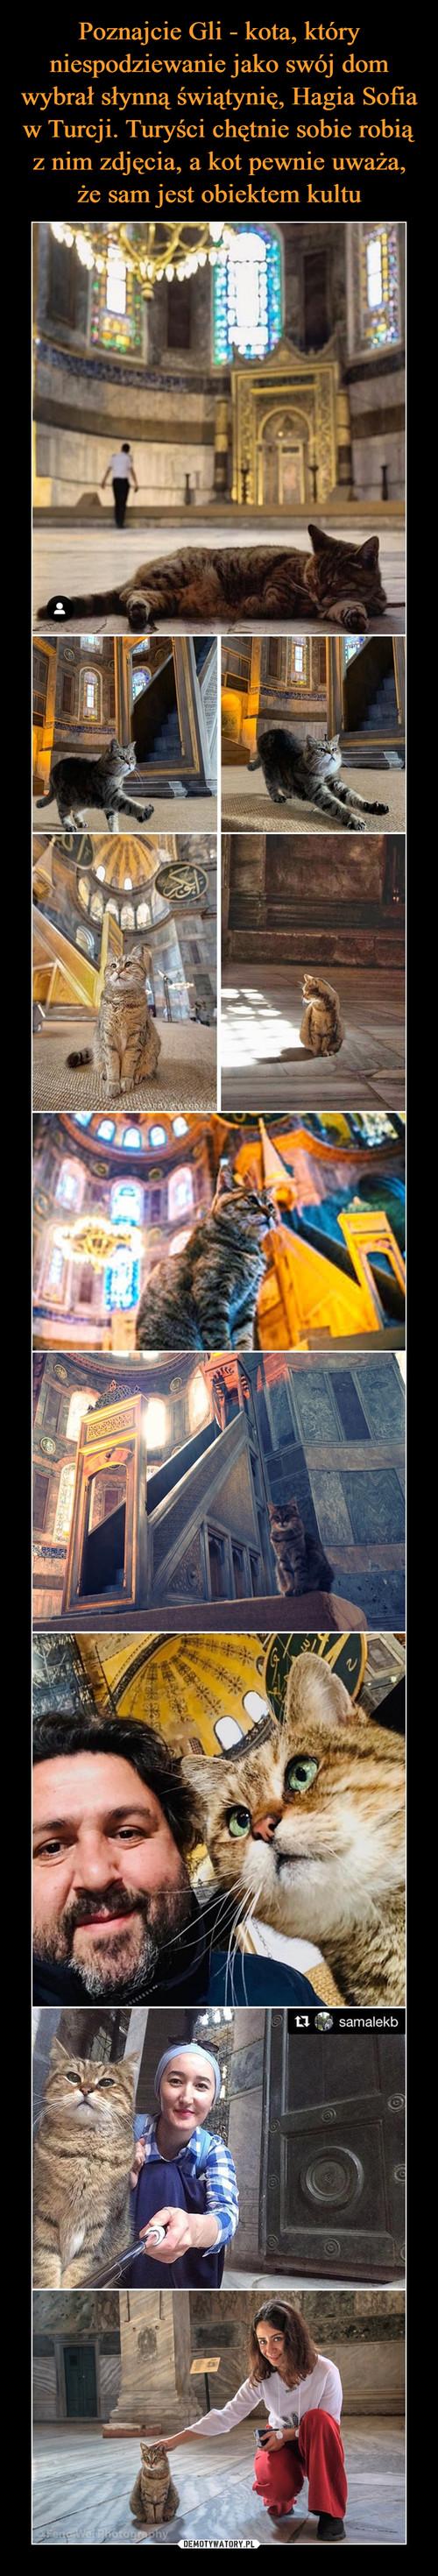 Poznajcie Gli - kota, który niespodziewanie jako swój dom wybrał słynną świątynię, Hagia Sofia w Turcji. Turyści chętnie sobie robią z nim zdjęcia, a kot pewnie uważa, że sam jest obiektem kultu